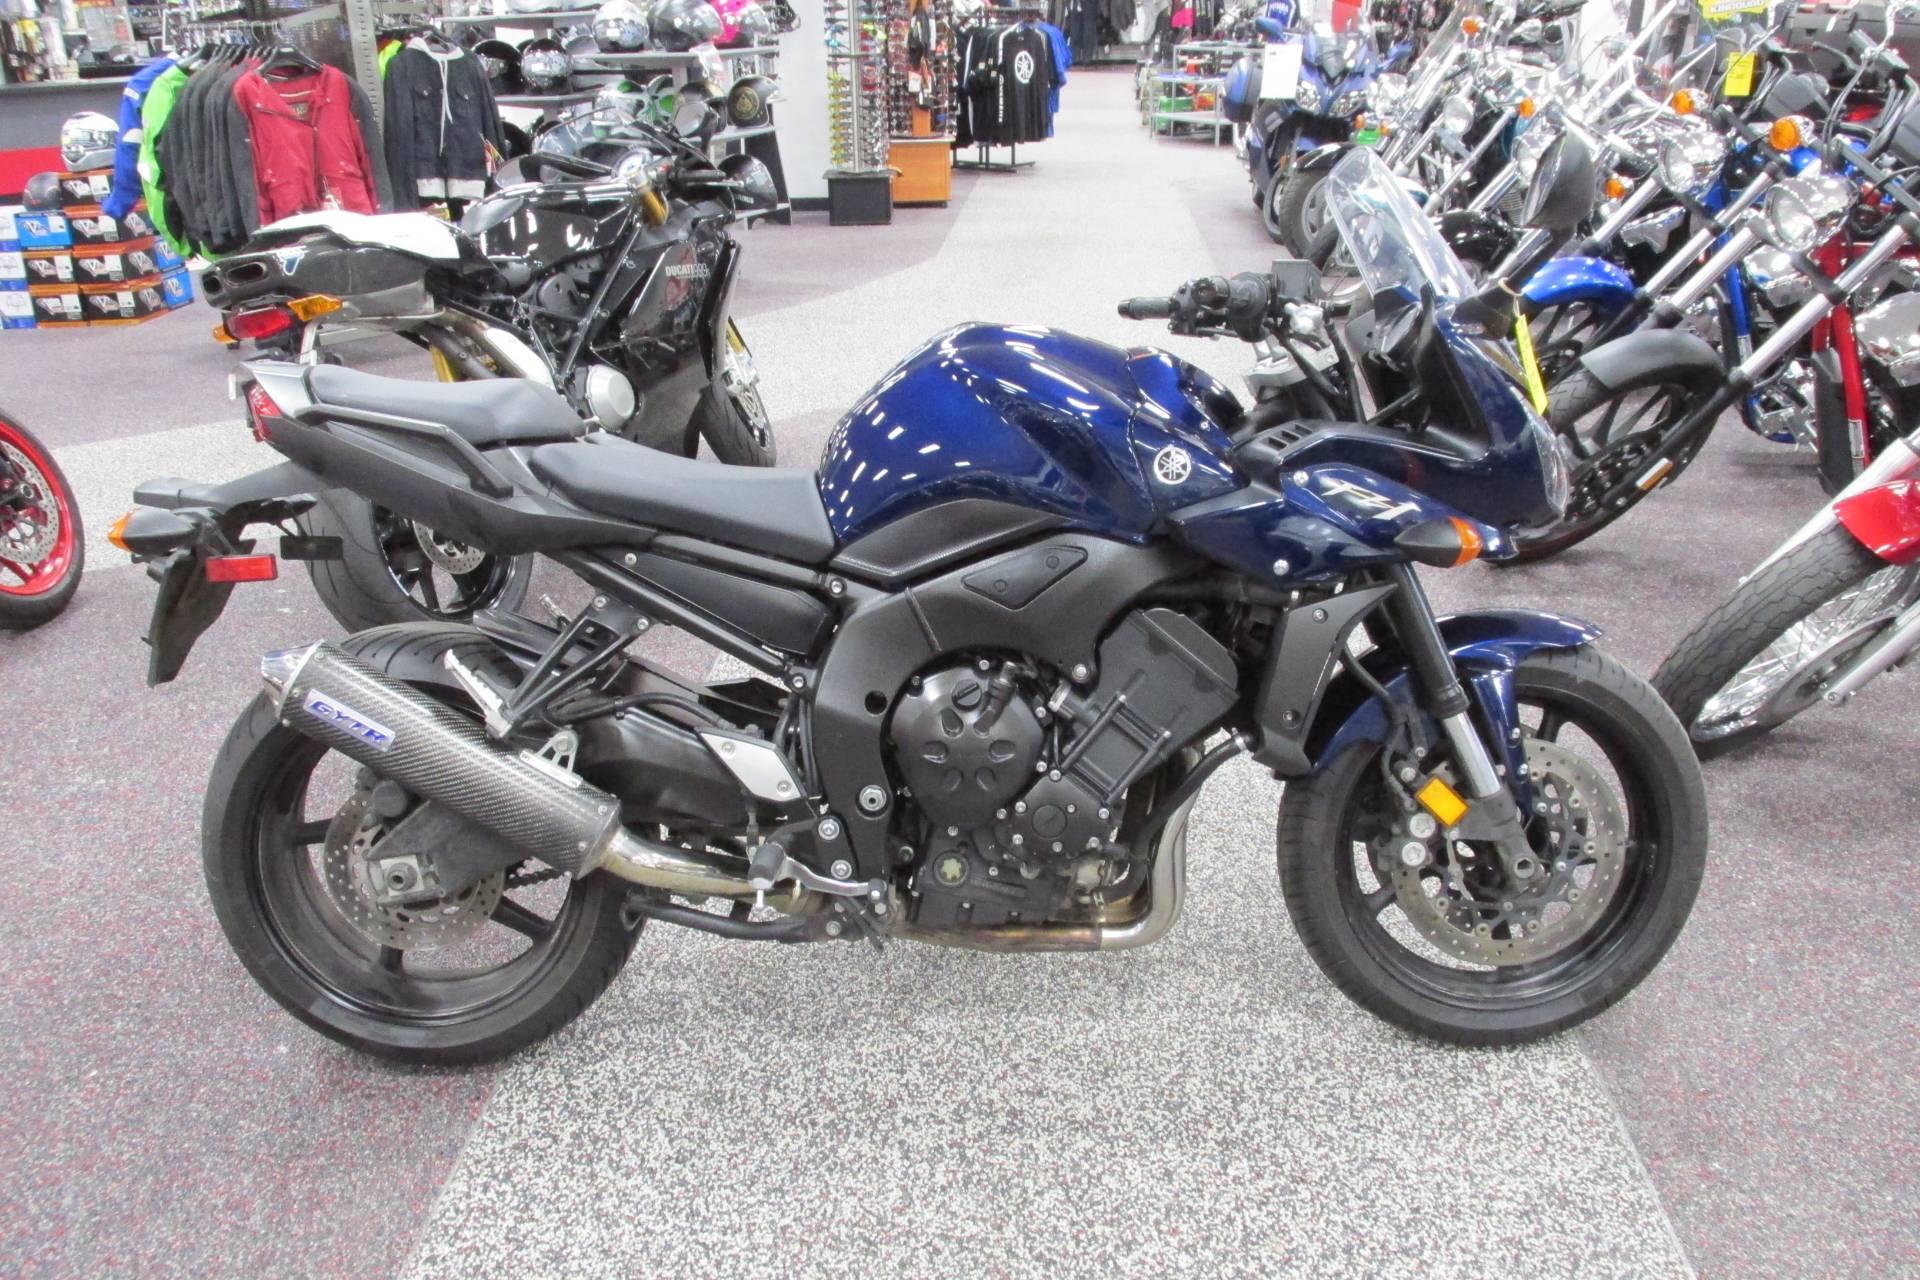 2013 Yamaha FZ1 Motorcycles Springfield Ohio